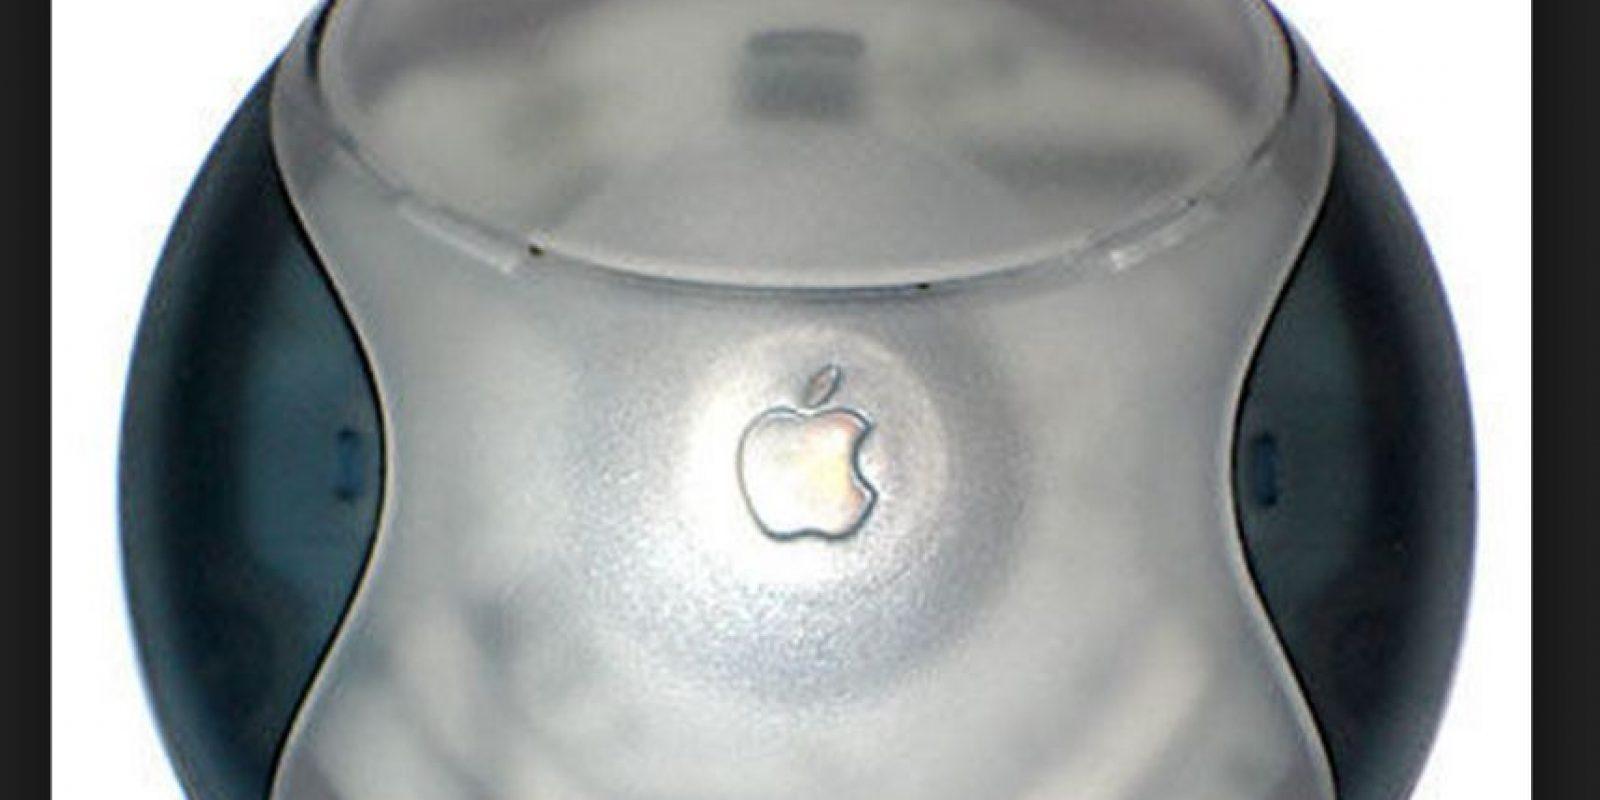 El Hockey Puck Mouse perdió mucha fuerza por lo incómodo del diseño pese a su agradable apariencia. Además, los usuarios se quejaban de la poca extensión del cable del ratón Foto:Wikicommons